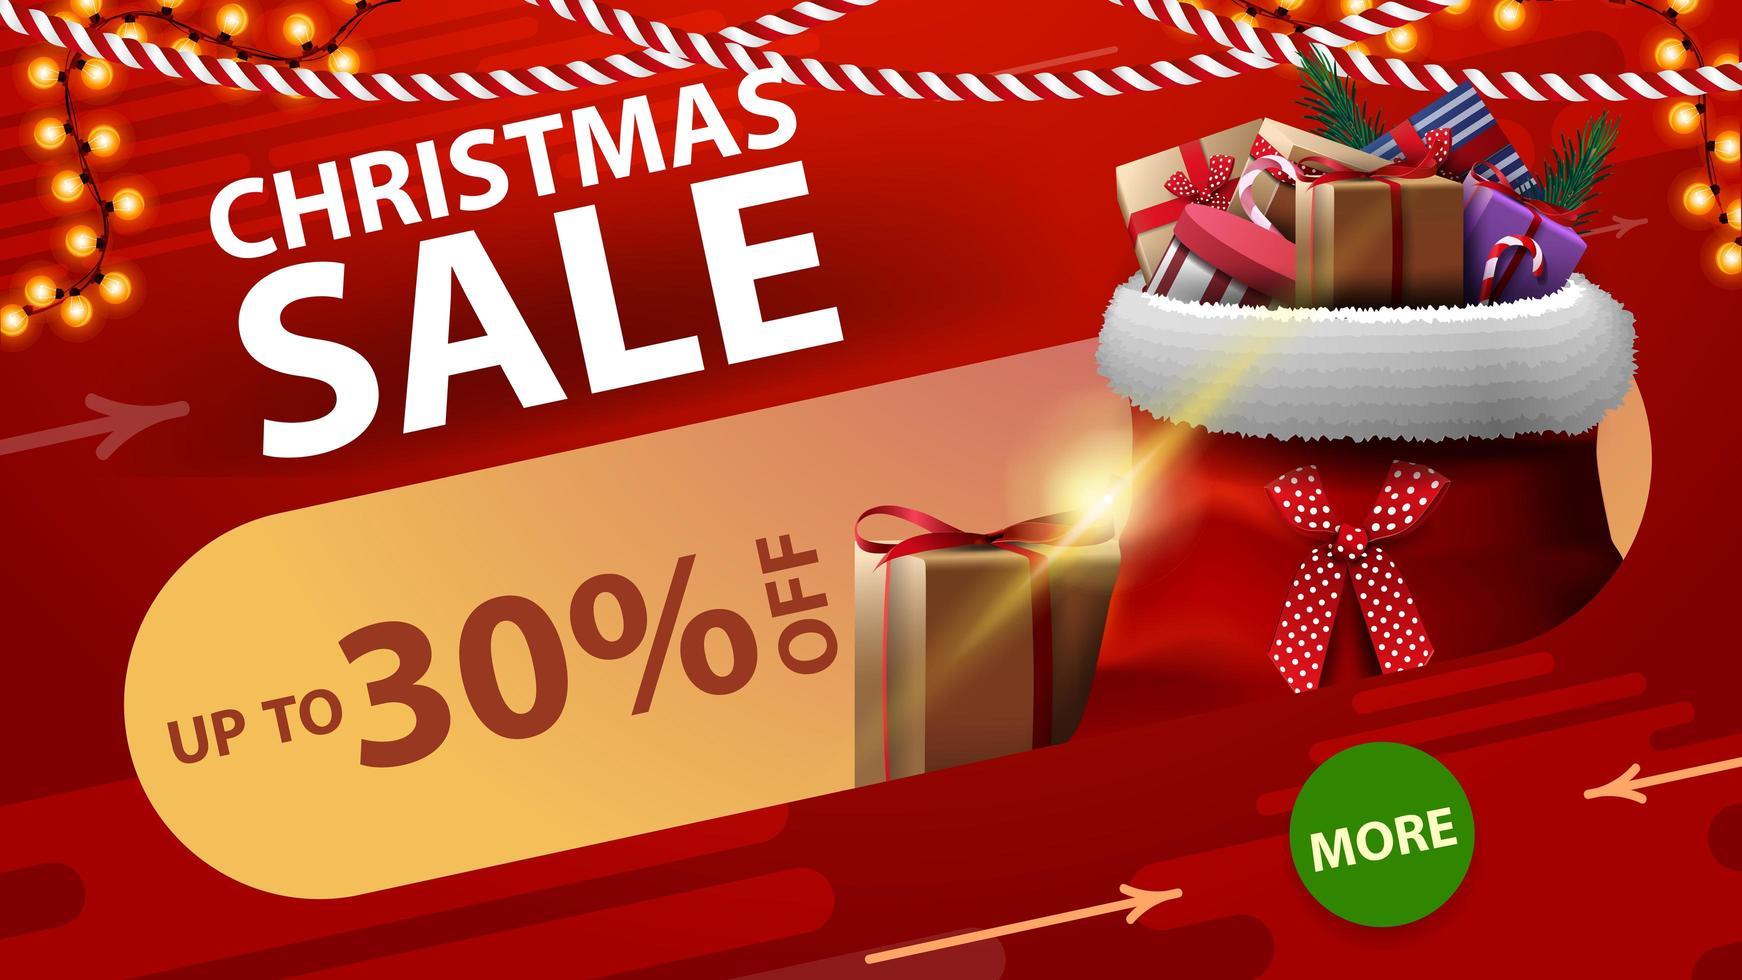 venta de navidad, hasta 30 de descuento, banner de descuento rojo con botón verde redondo, guirnaldas y bolsa de santa claus con regalos vector